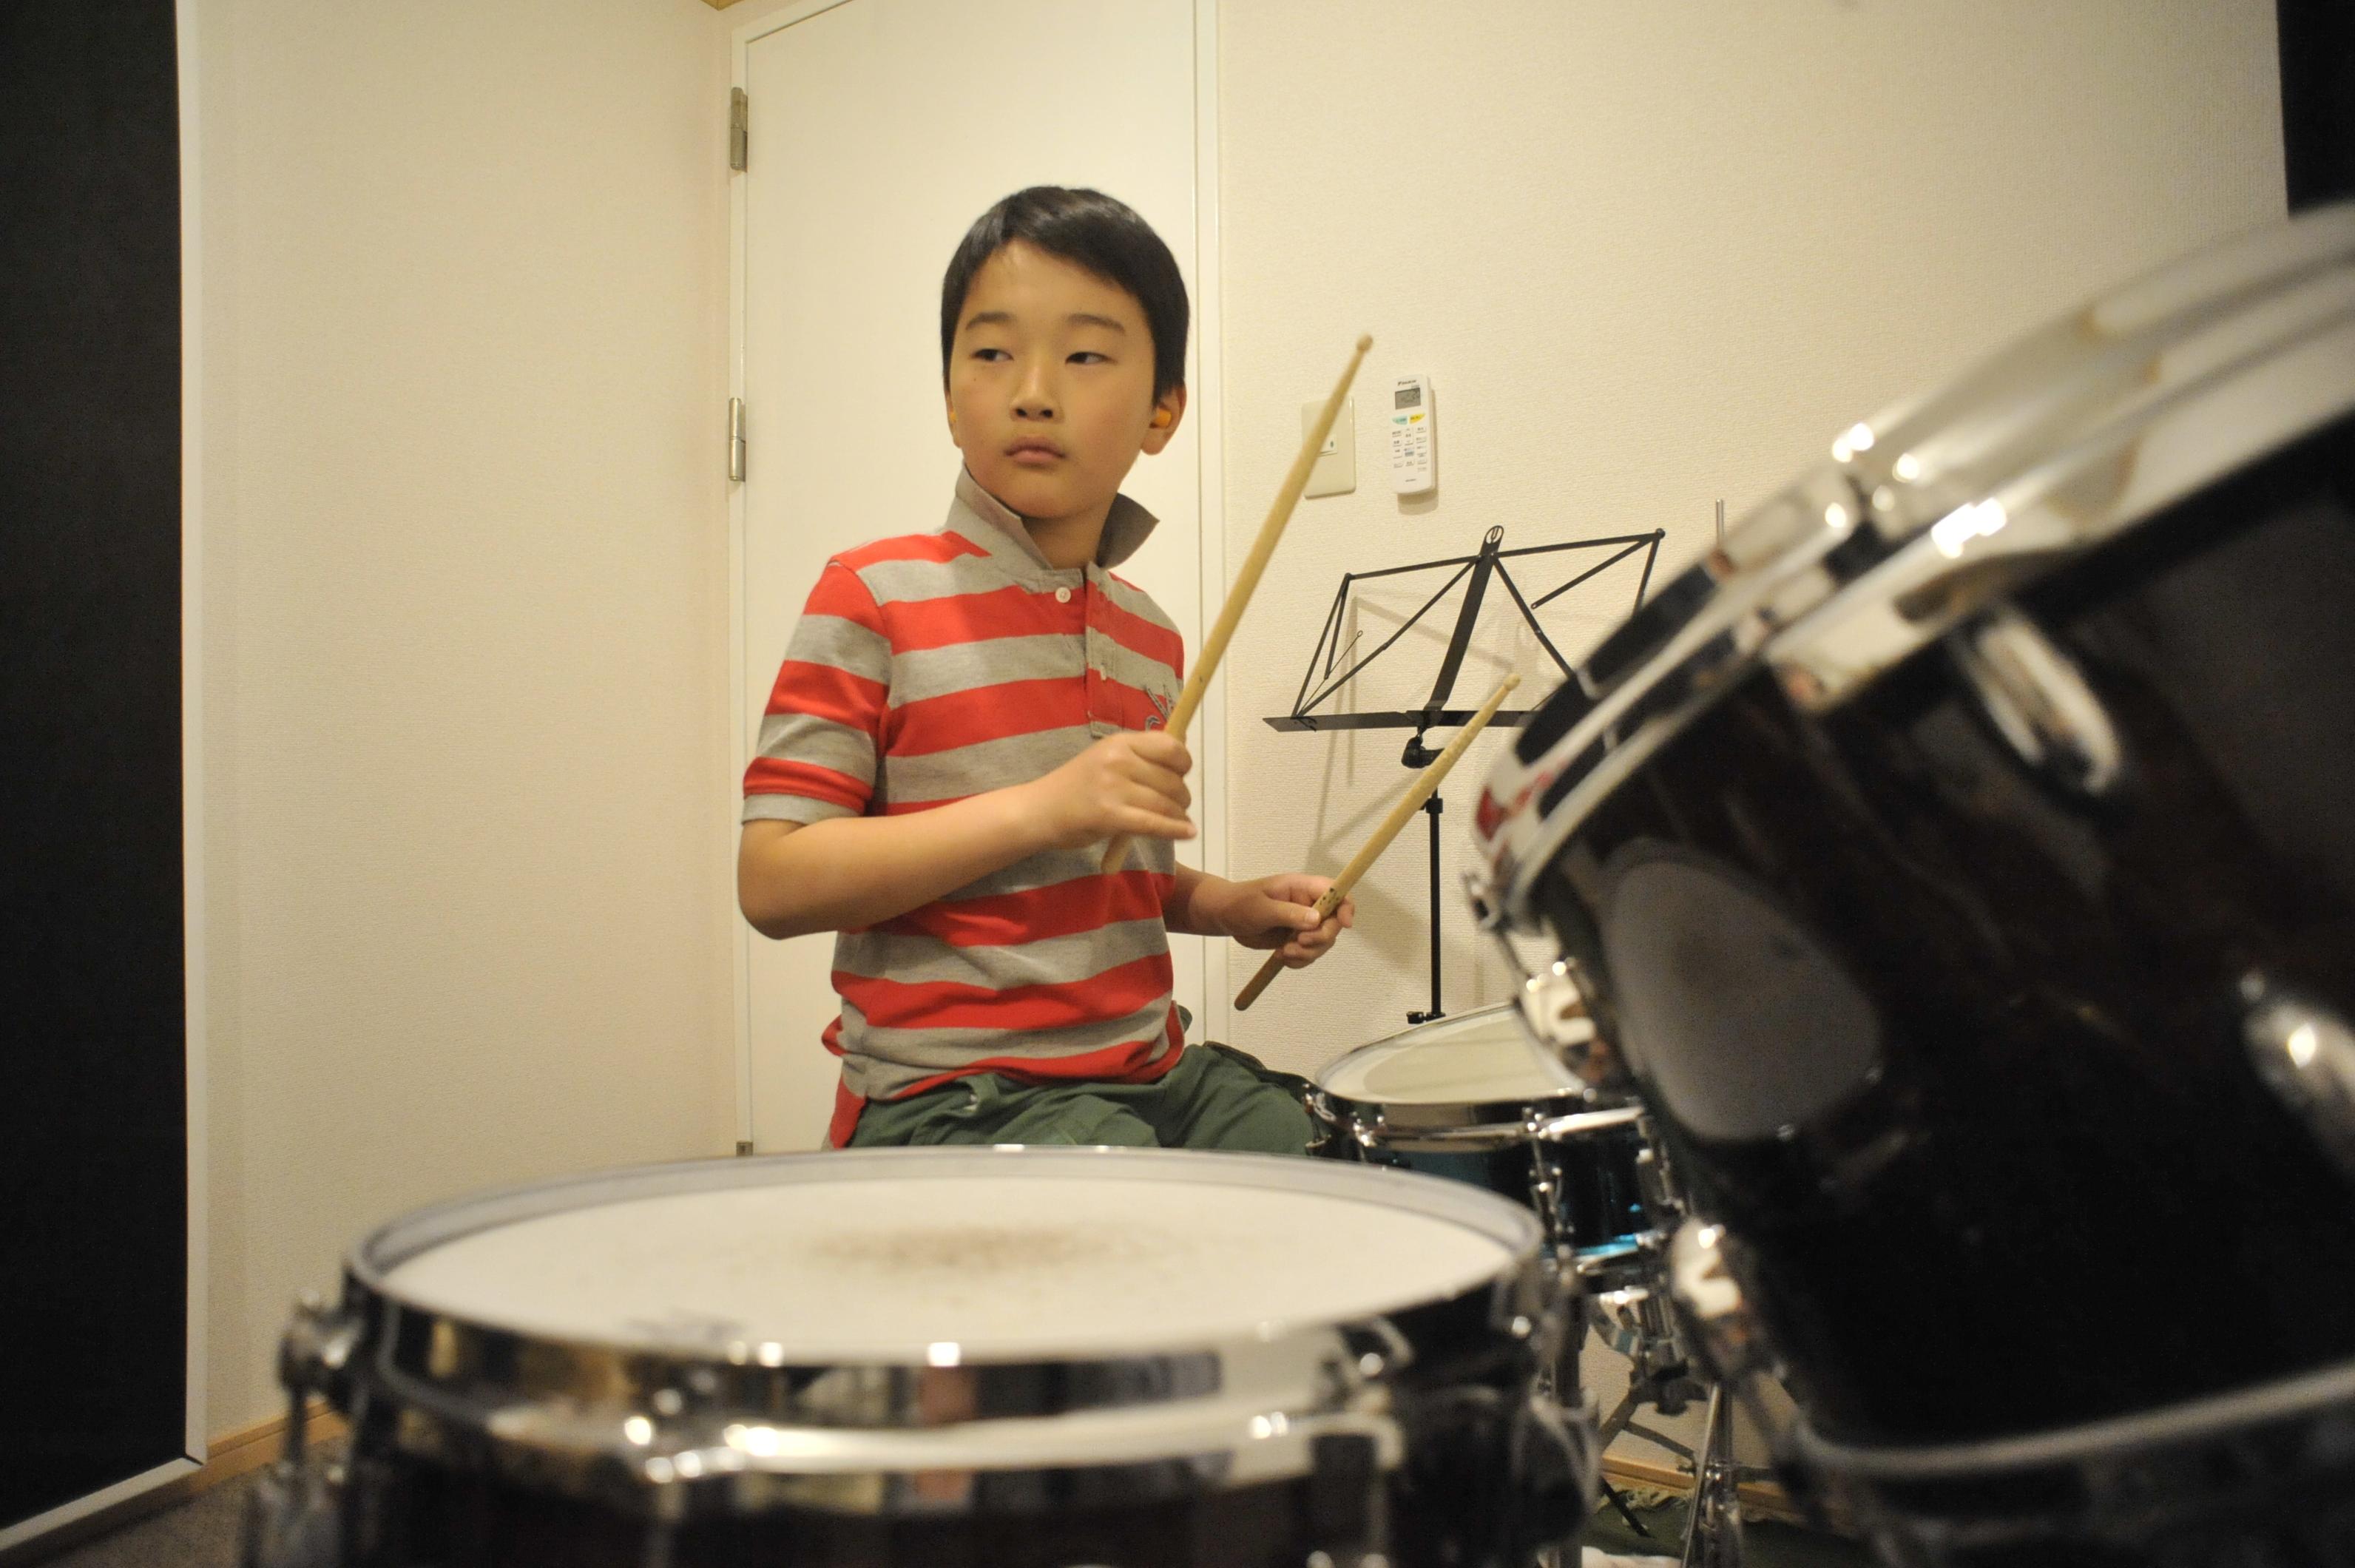 子どもに楽器を習わせるならドラムがおすすめ!ドラムだからこその効果